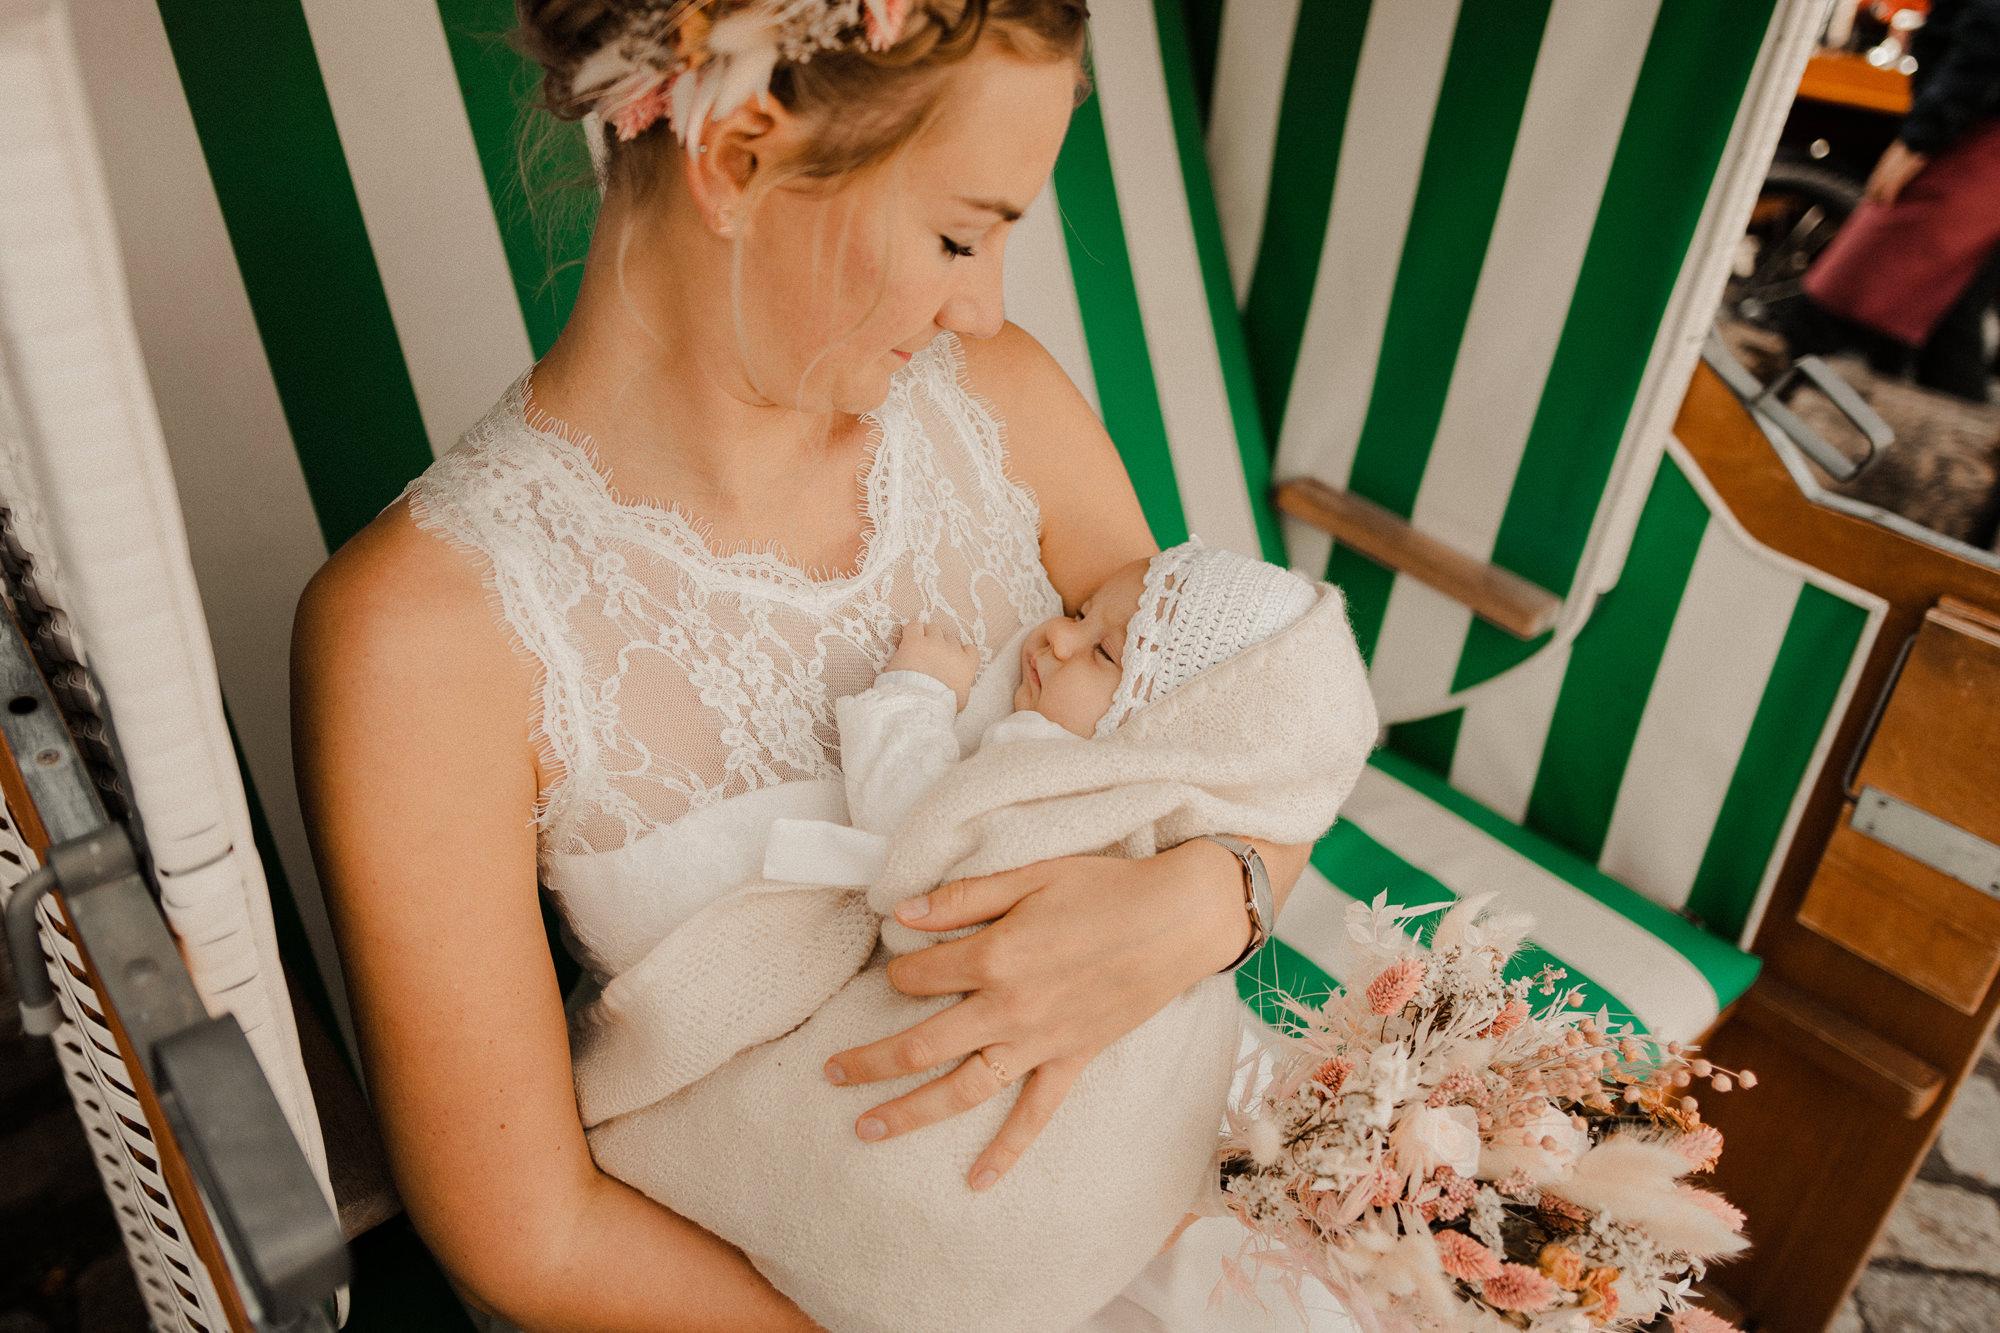 Braut mit Baby - Stralsund - Hochzeitsfotos mit Baby - Rügen - Hochzeitsfotograf - Rügen - Ostsee - Strand